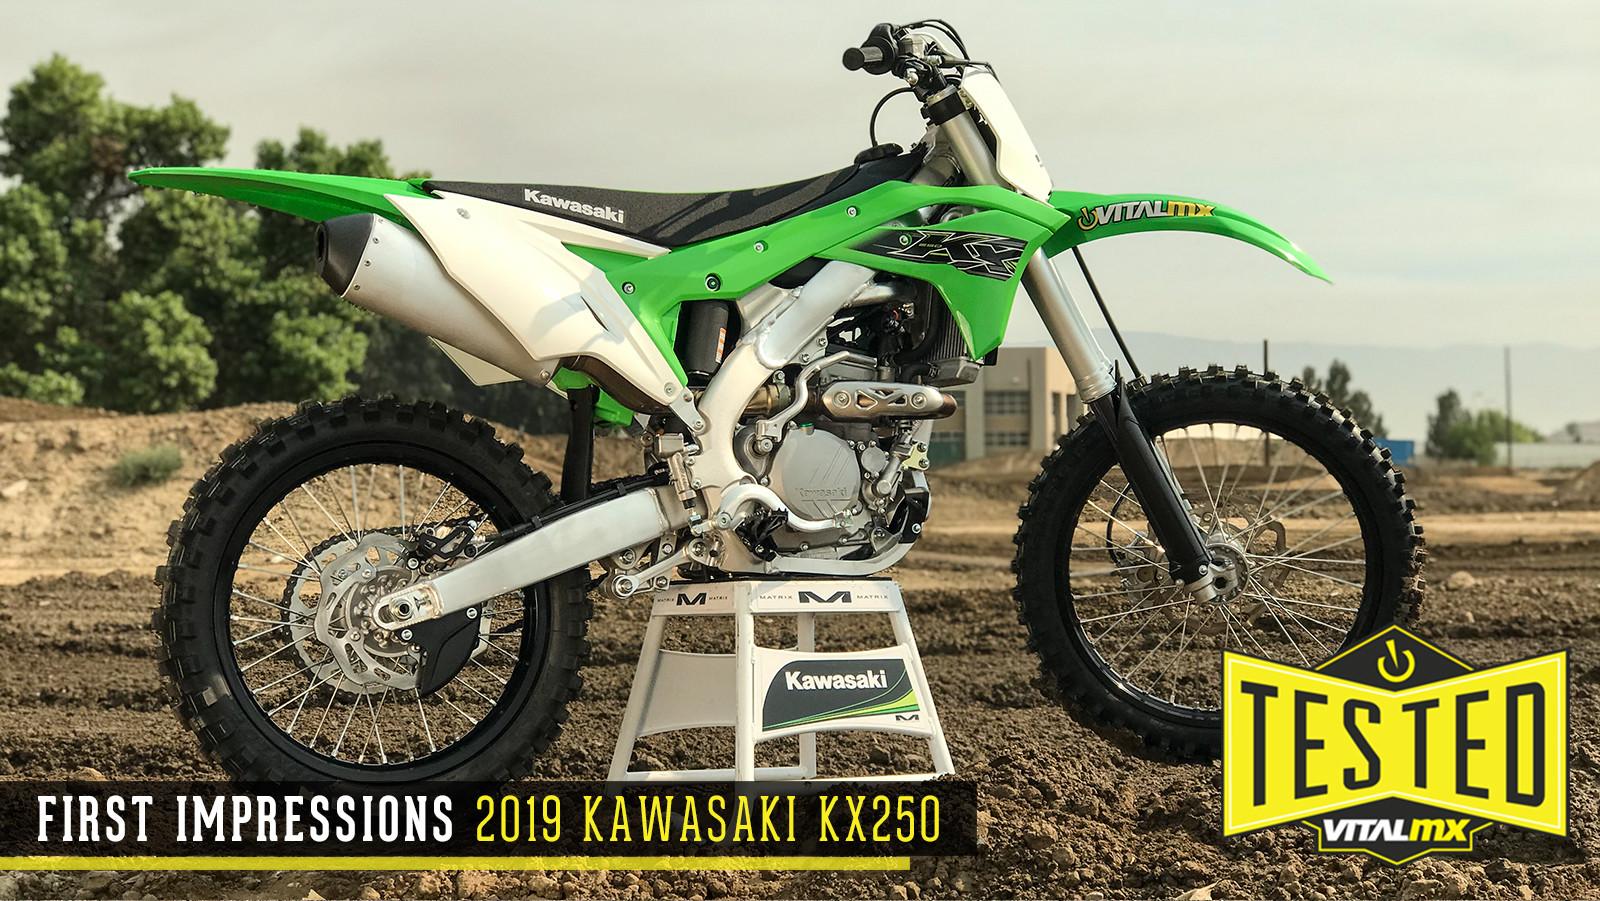 First Impressions: 2019 Kawasaki KX250